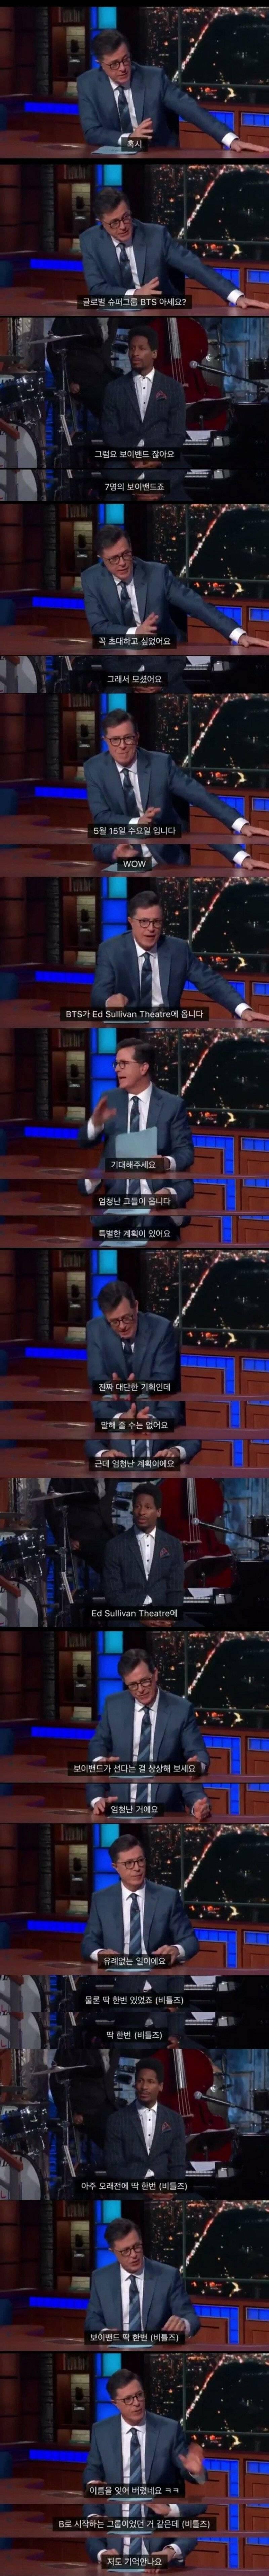 방탄소년단 미국 방송 근황.jpg | 인스티즈